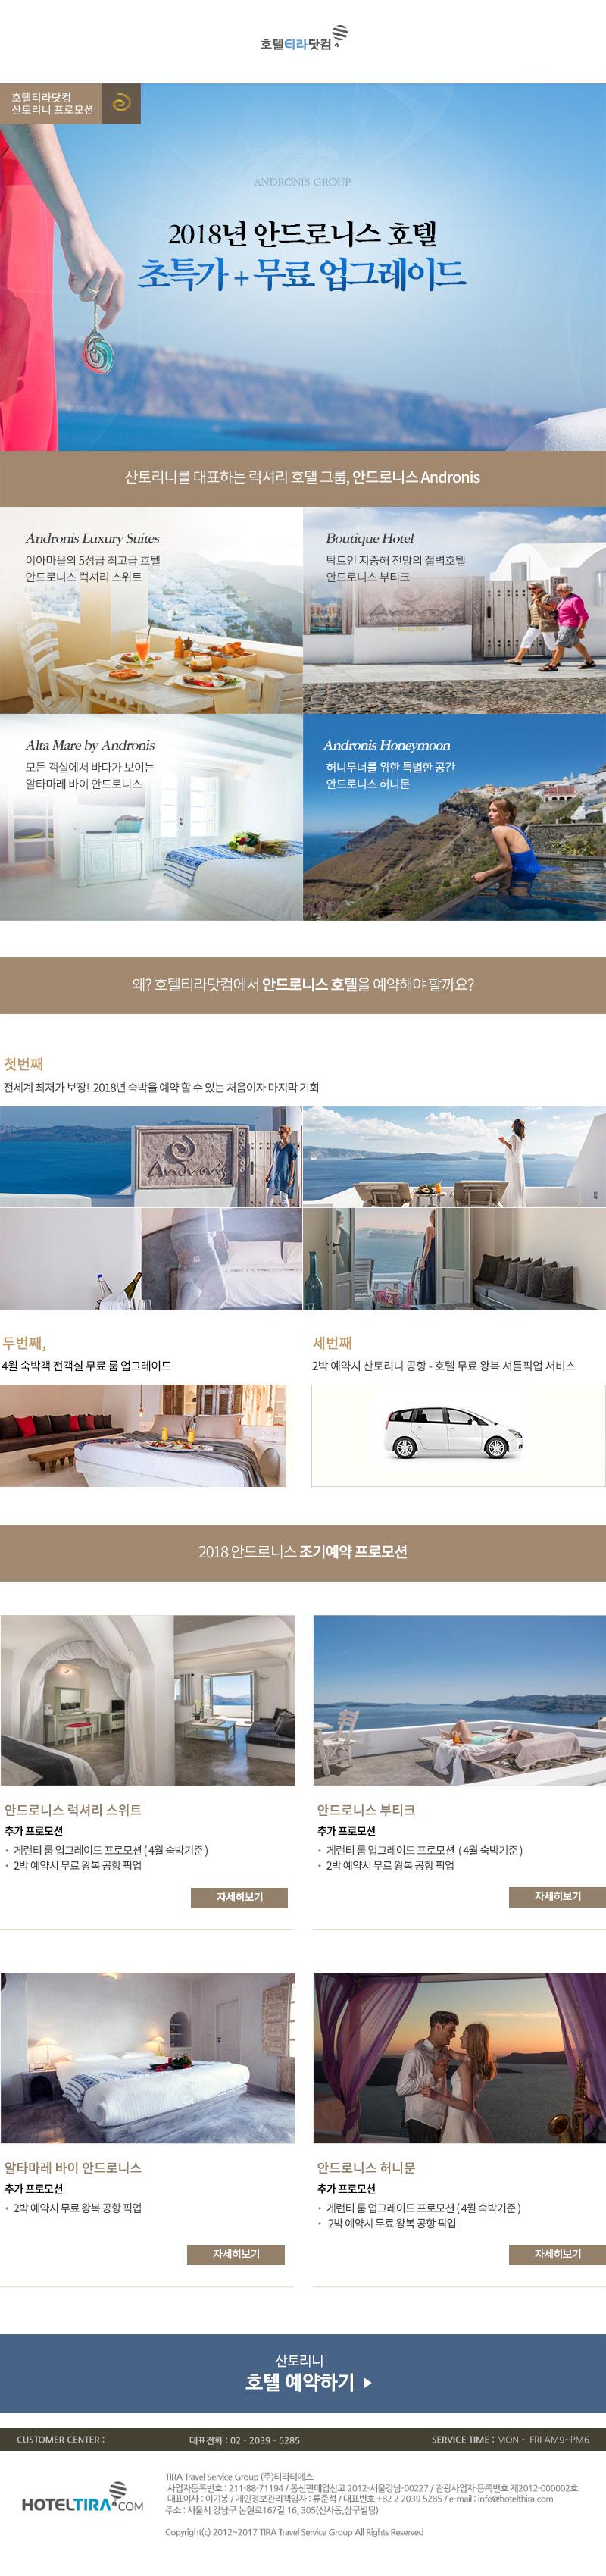 2018년 안드로니스 호텔 초특가 + 무료 업그레이드